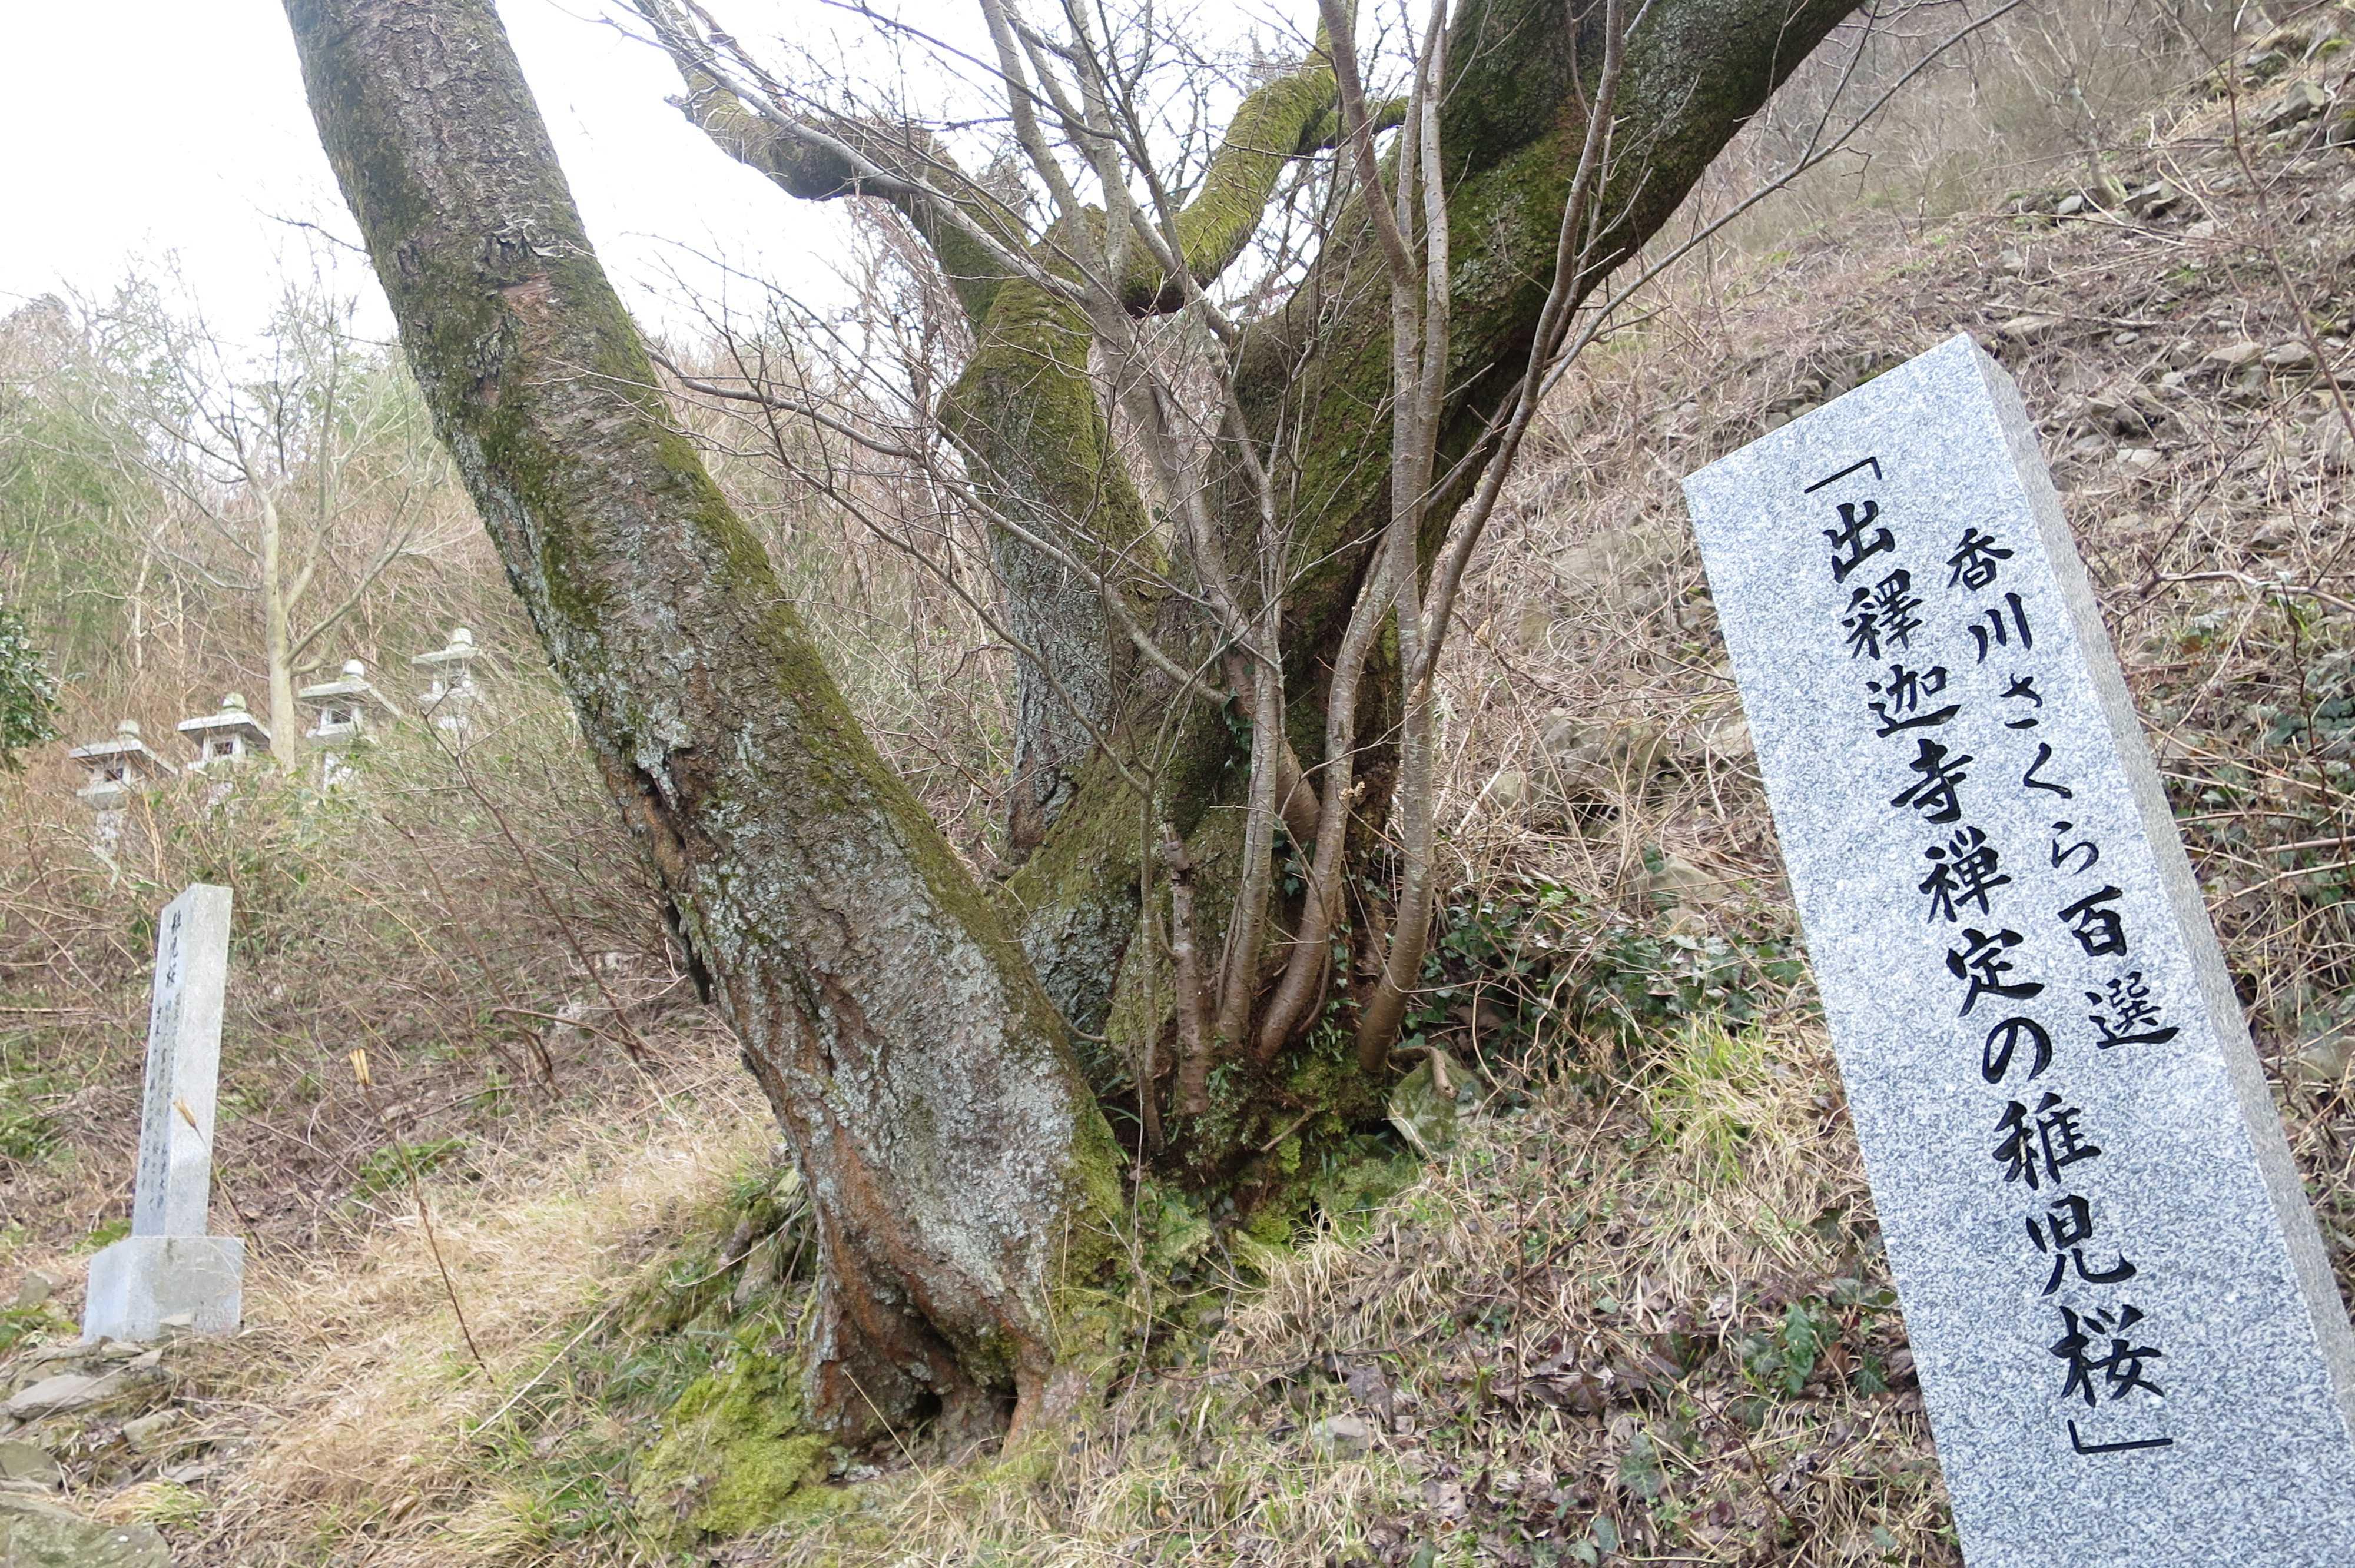 香川さくら百選「出釋迦寺禅定の稚児桜」